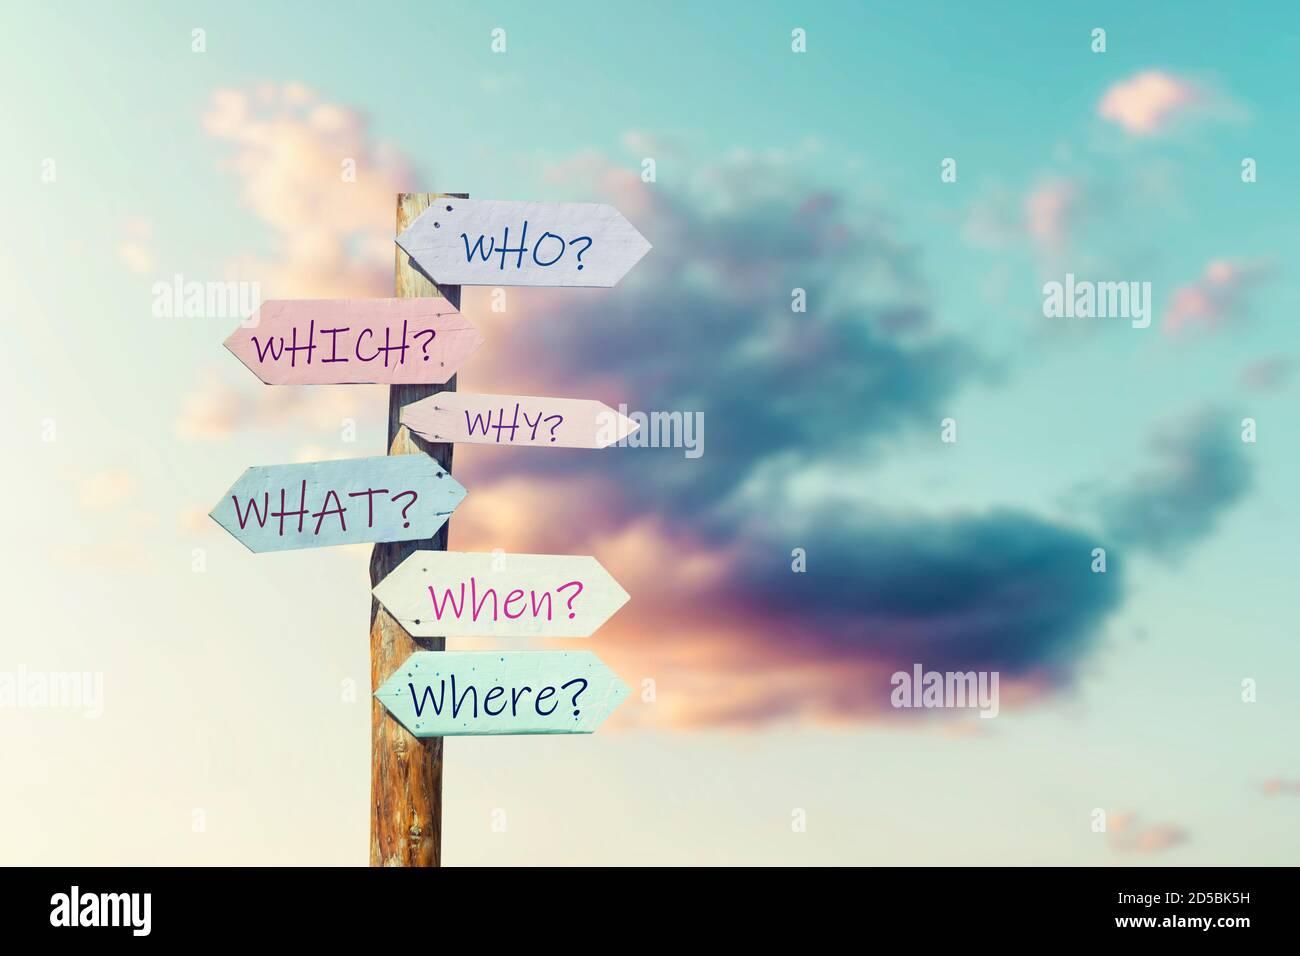 Tomar nuestras decisiones con la ayuda de preguntas correctas, Metamorphing. Foto de alta calidad Foto de stock